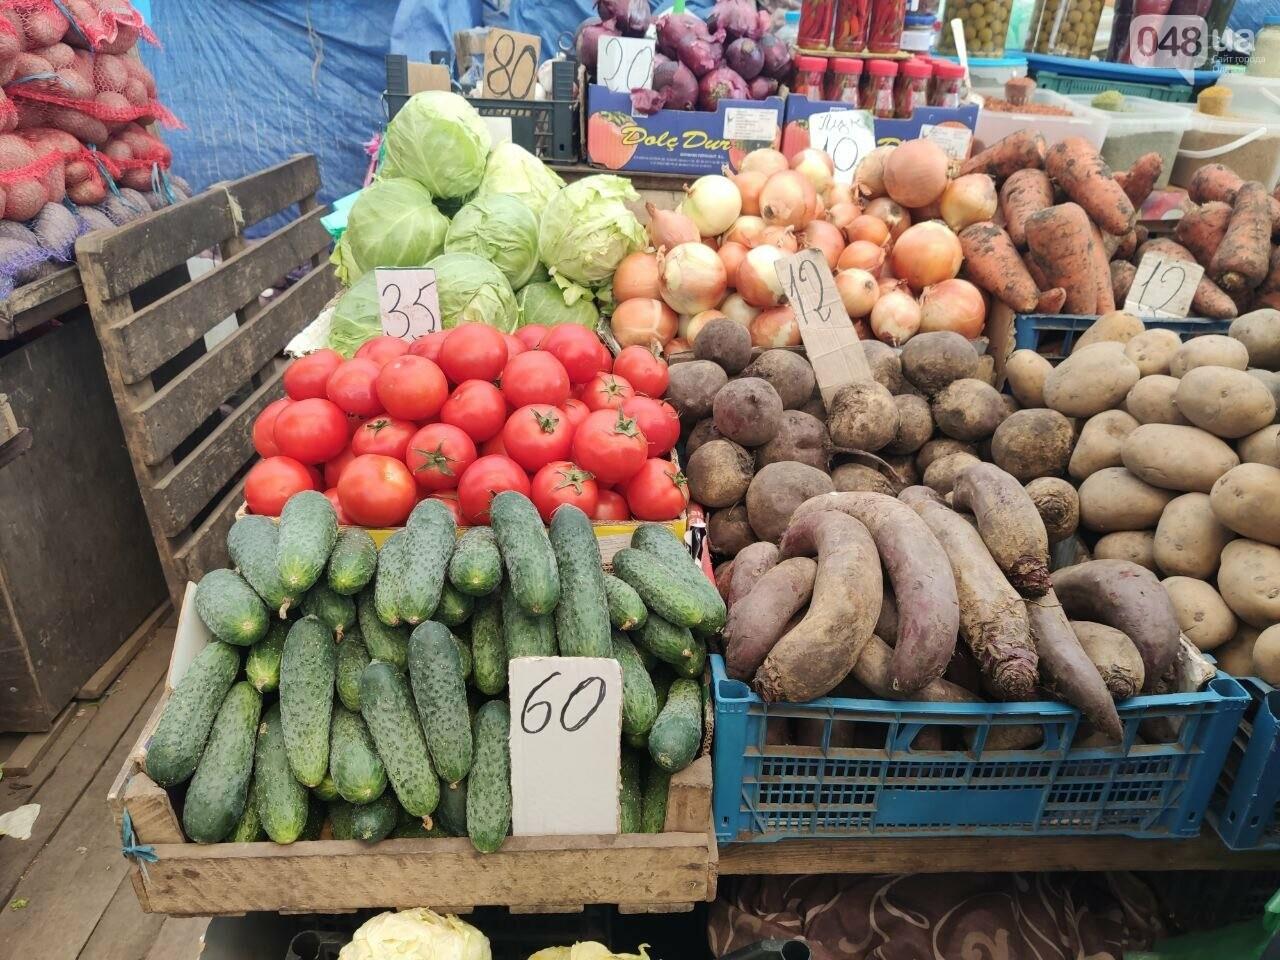 Клубника, ананас, микадо: почем на одесском Привозе перед Пасхой овощи и фрукты, - ФОТО, фото-3